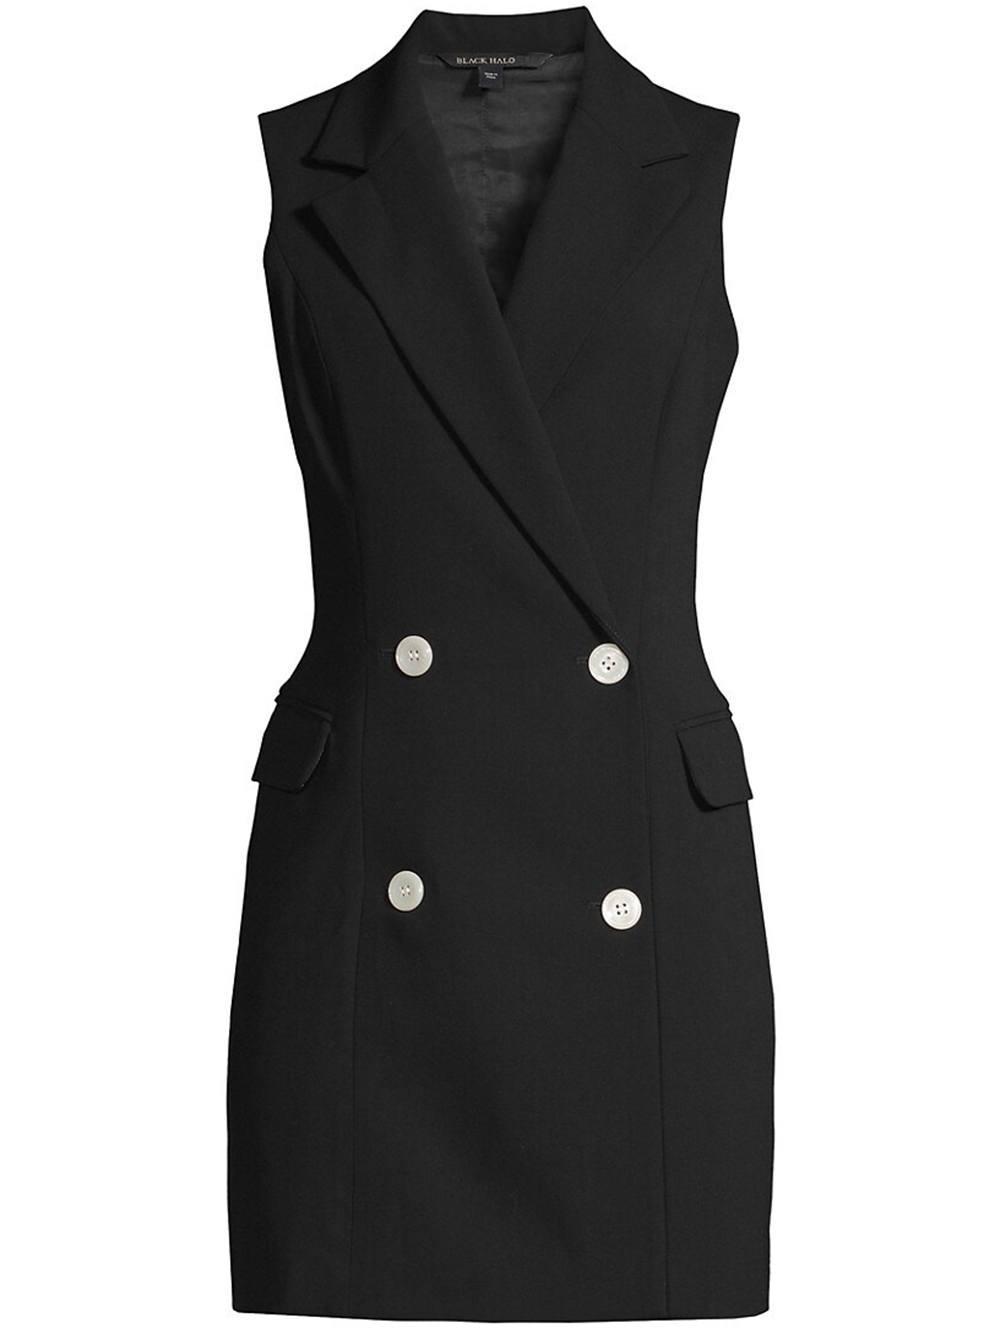 Rio Blazer Mini Dress Item # 3592687